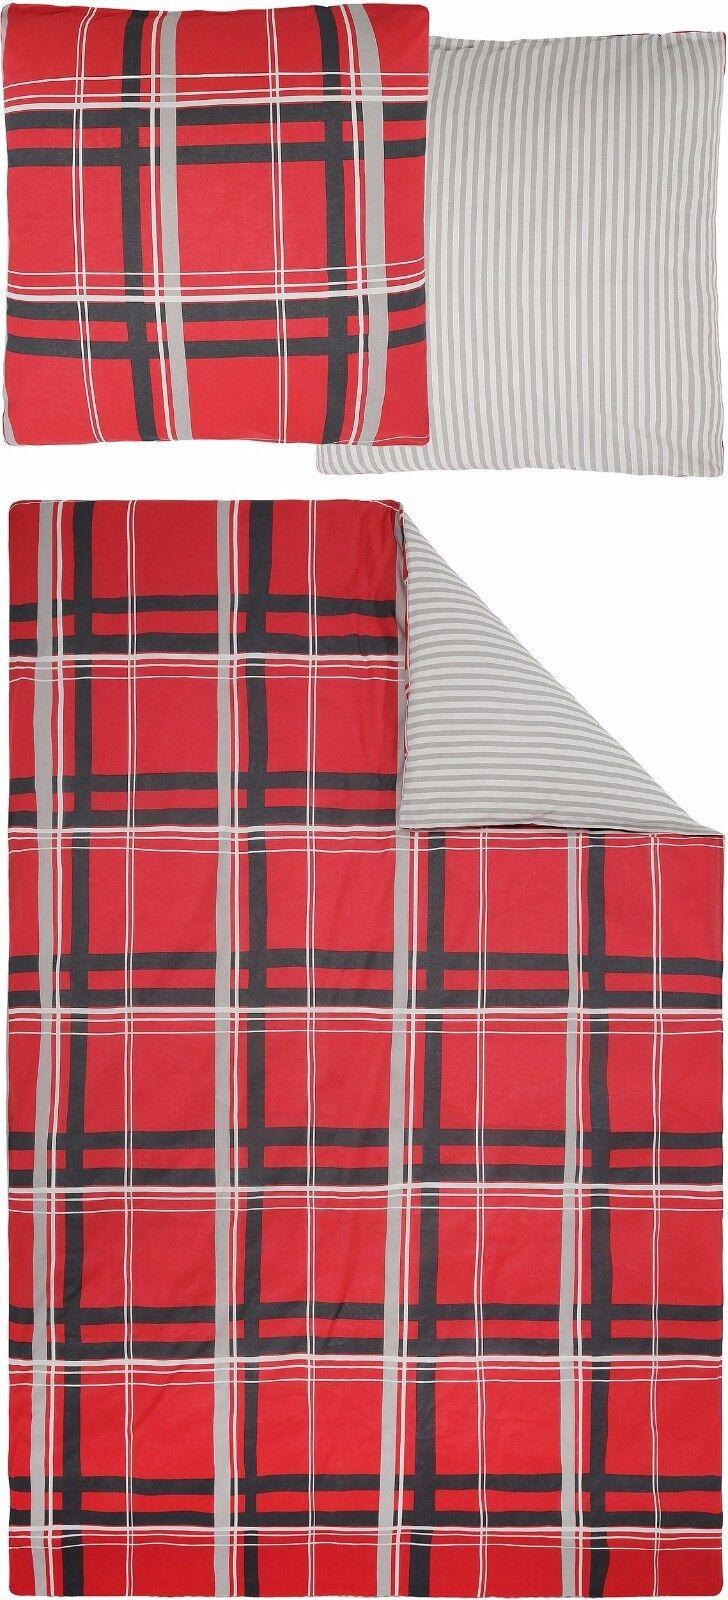 4 tlg. Marken BETTWÄSCHE H.I.S. Polykotton Karos Streifen rot grau 155x220 LN 77